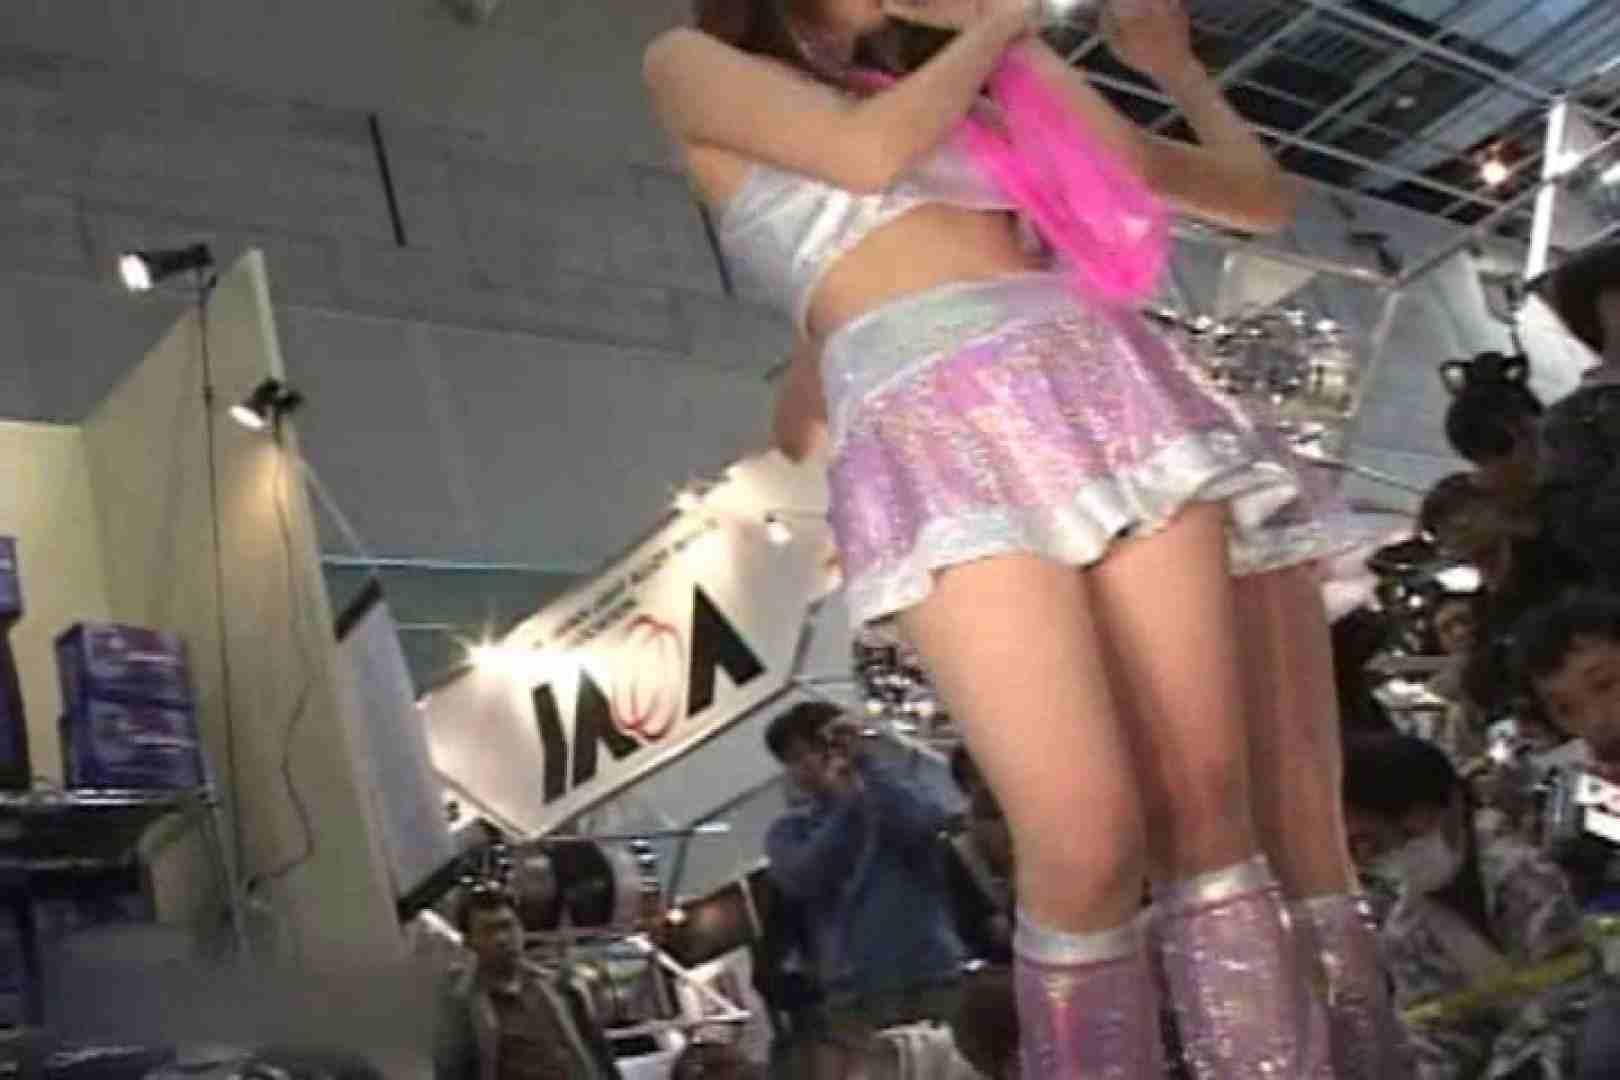 RQカメラ地獄Vol.31 新入生パンチラ  86pic 36